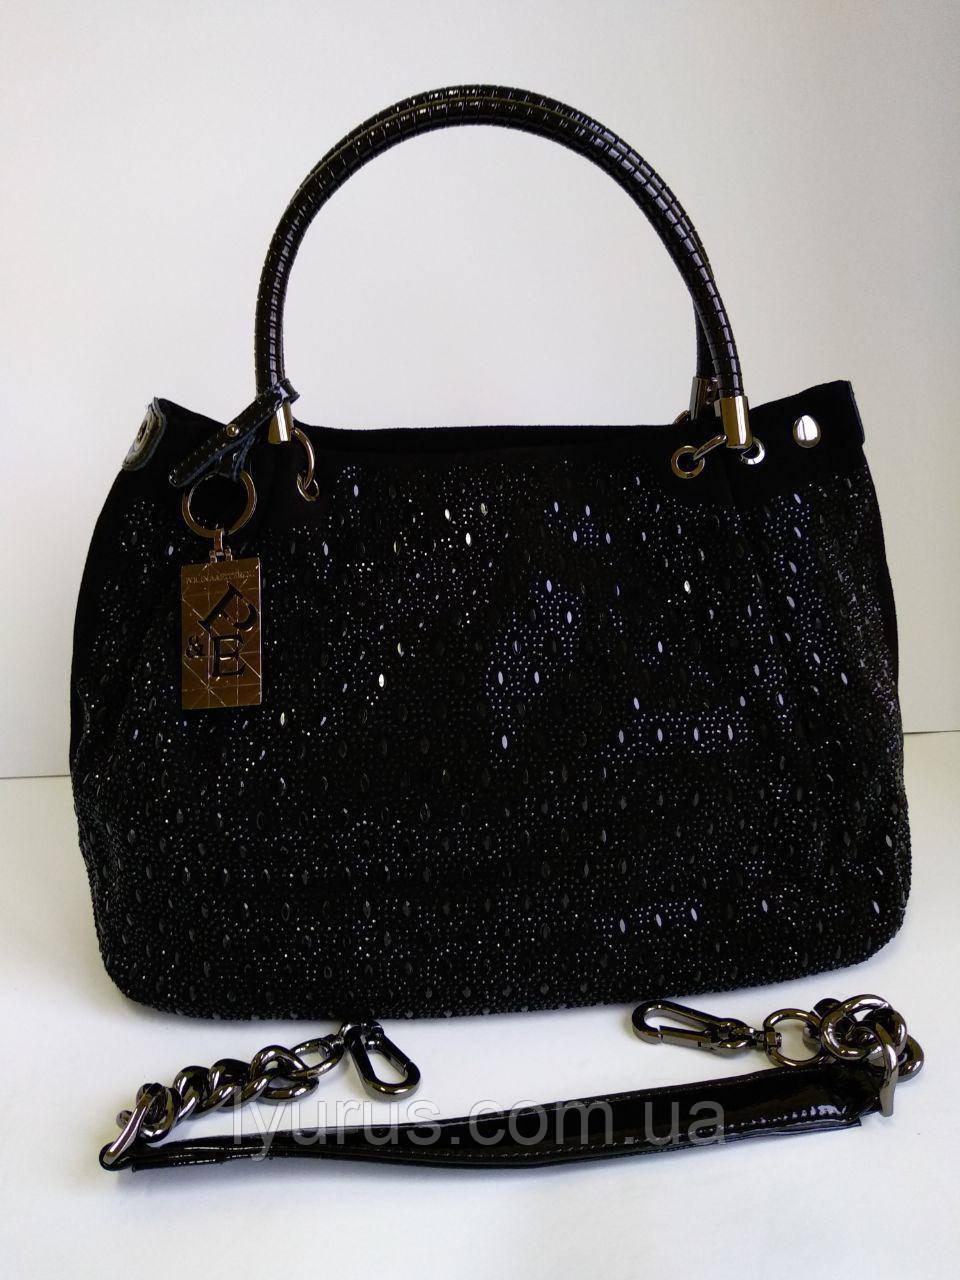 Жіноча замшева містка сумка чорного кольору з ременем ланцюжком